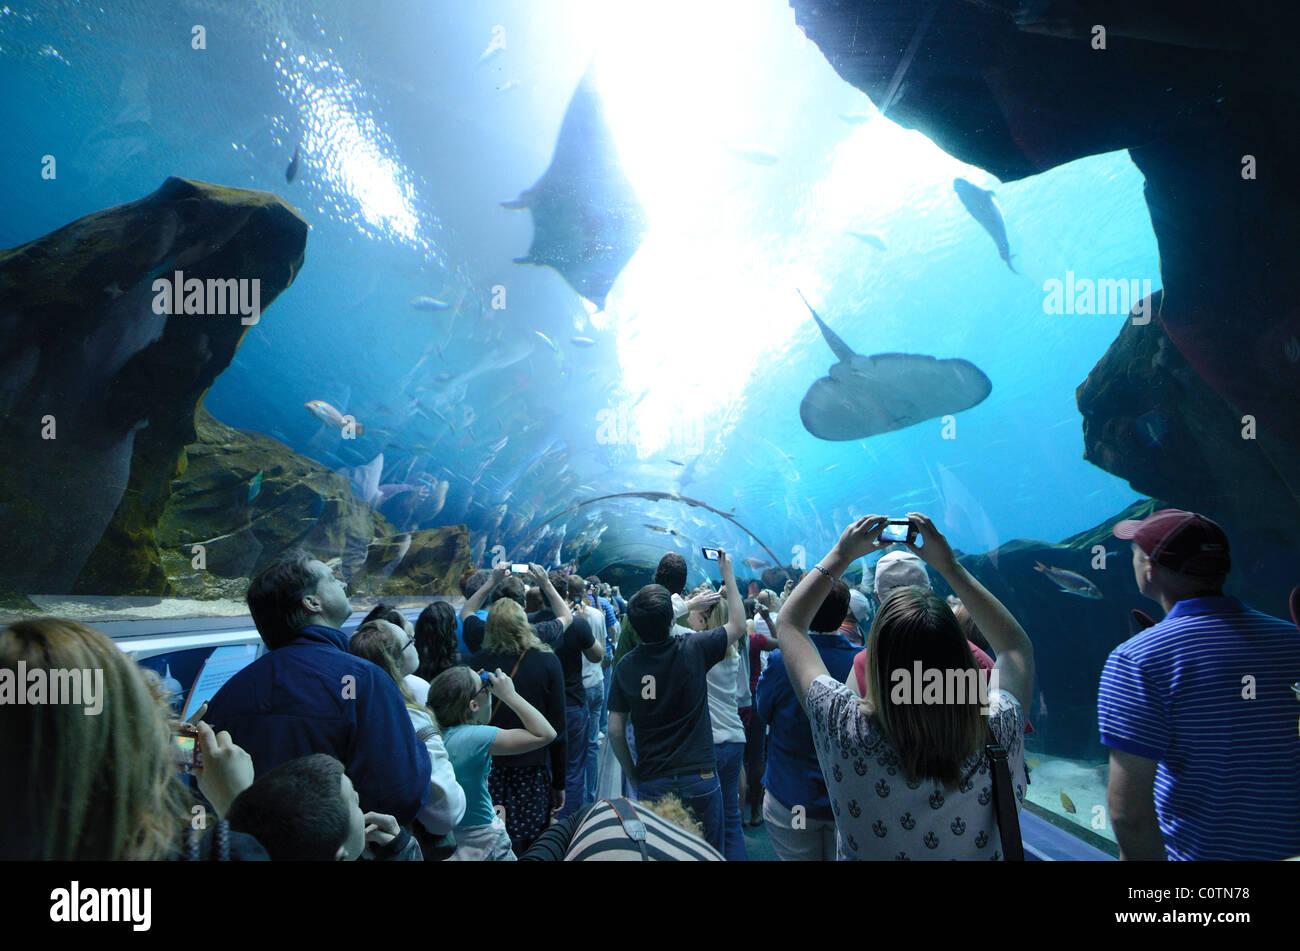 L'Aquarium de Géorgie, le plus grand aquarium du monde, à Atlanta, Géorgie. Le 20 février Photo Stock